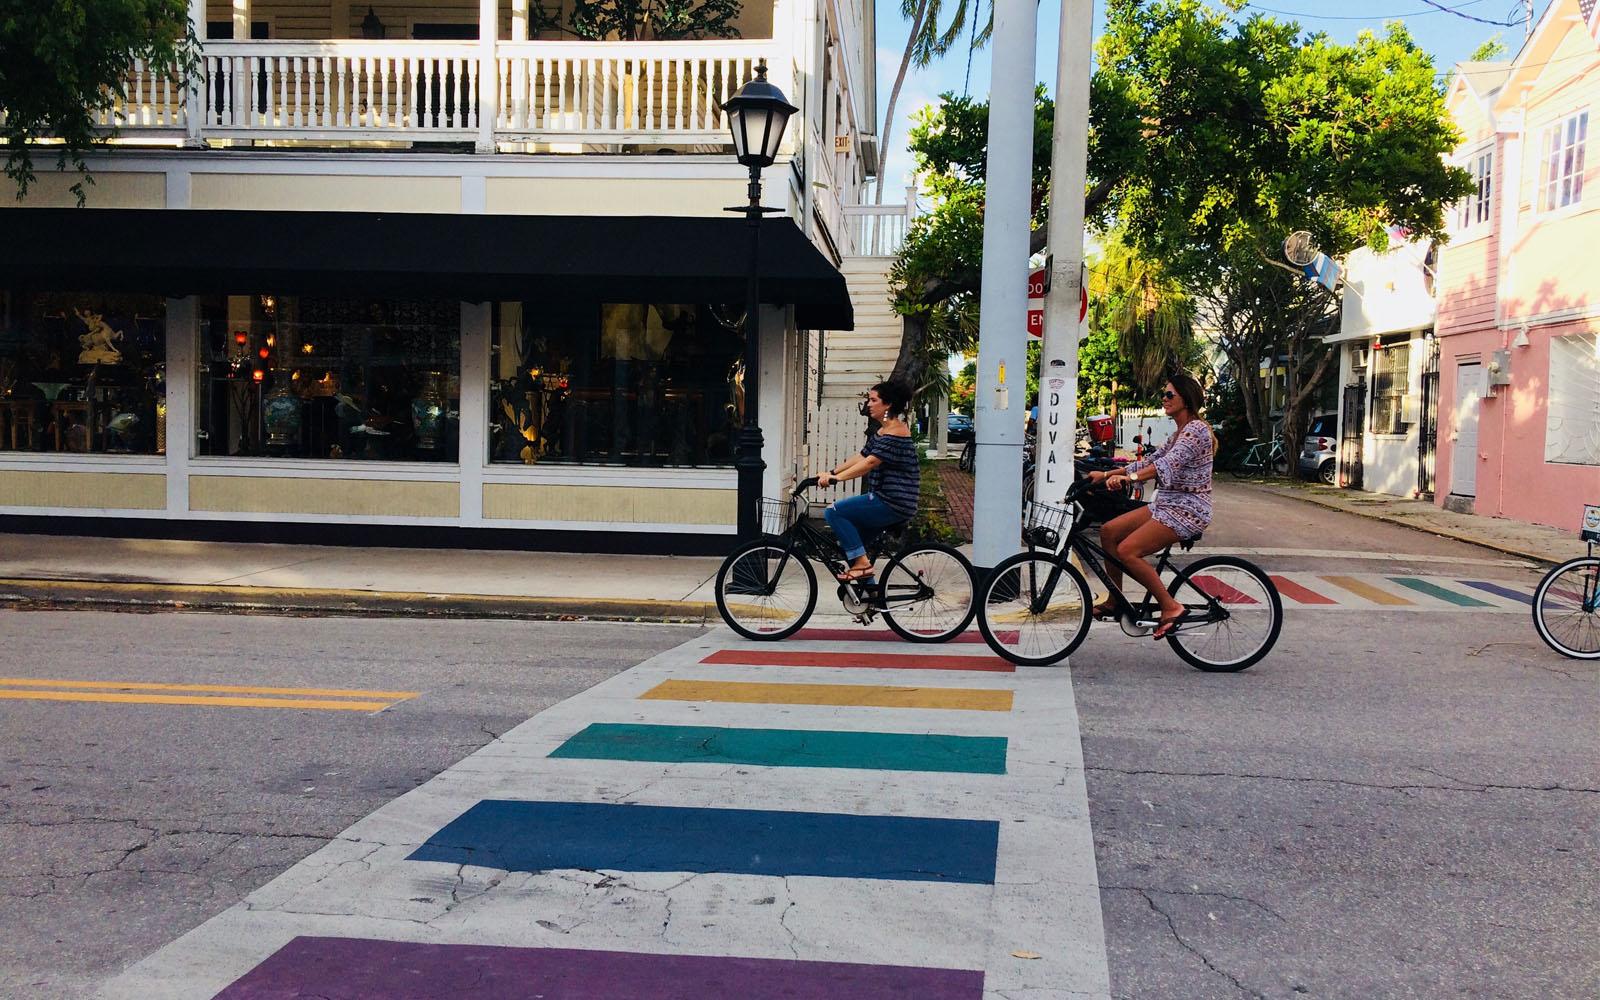 Le strisce pedonali arcobaleno in Duval street, una delle arterie principali di Key West.